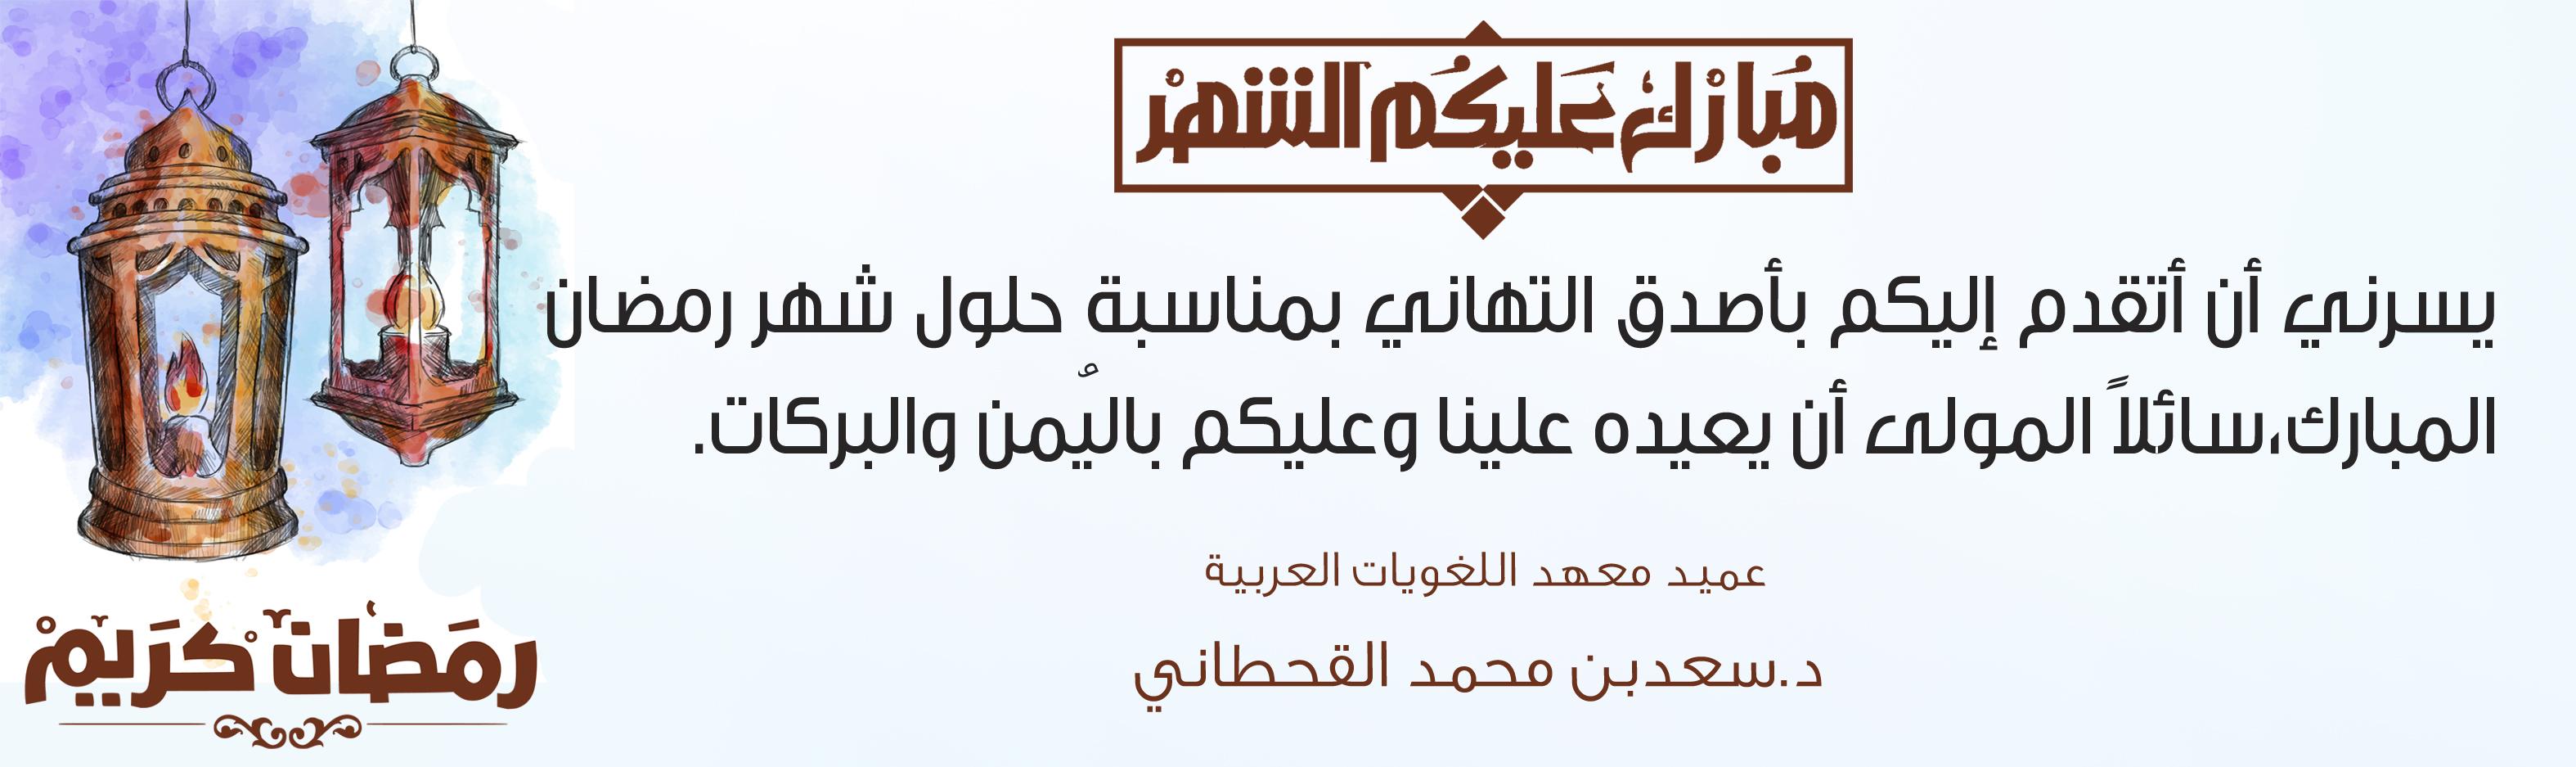 رمضان مبارك - بمناسبة الشهر الفضيل يطيب...